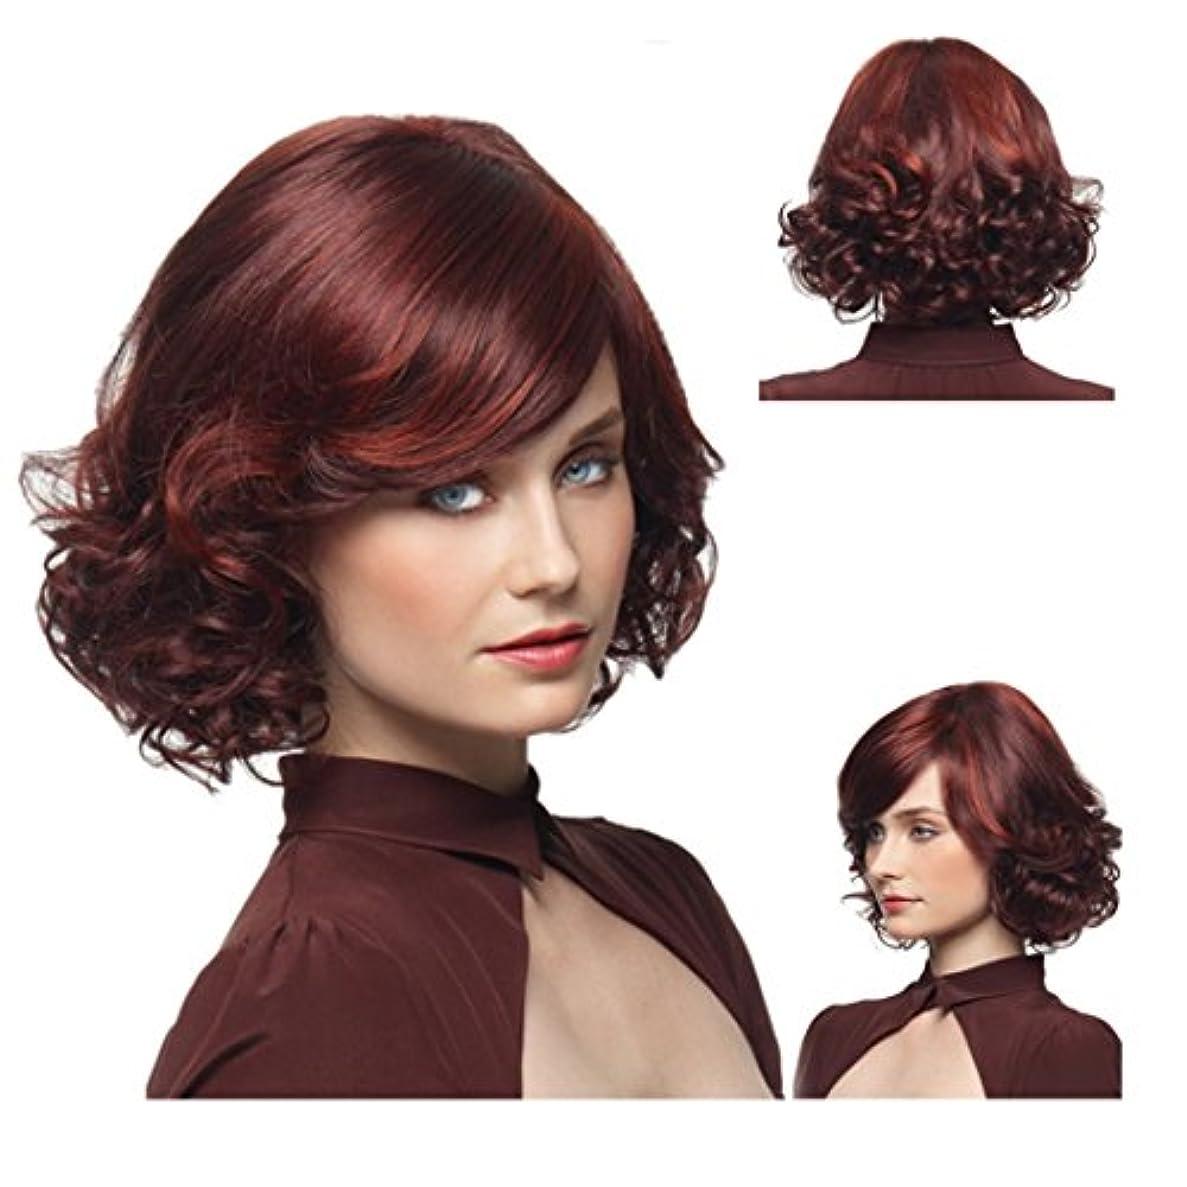 火傷電気の装置YOUQIU 女性25センチメートル/ 220グラム(ワインレッド)かつら用エアエッグロール斜め前髪ウィッグ耐熱髪を持つ女性のための梨ショートカーリーウィッグ (色 : ワインレッド)